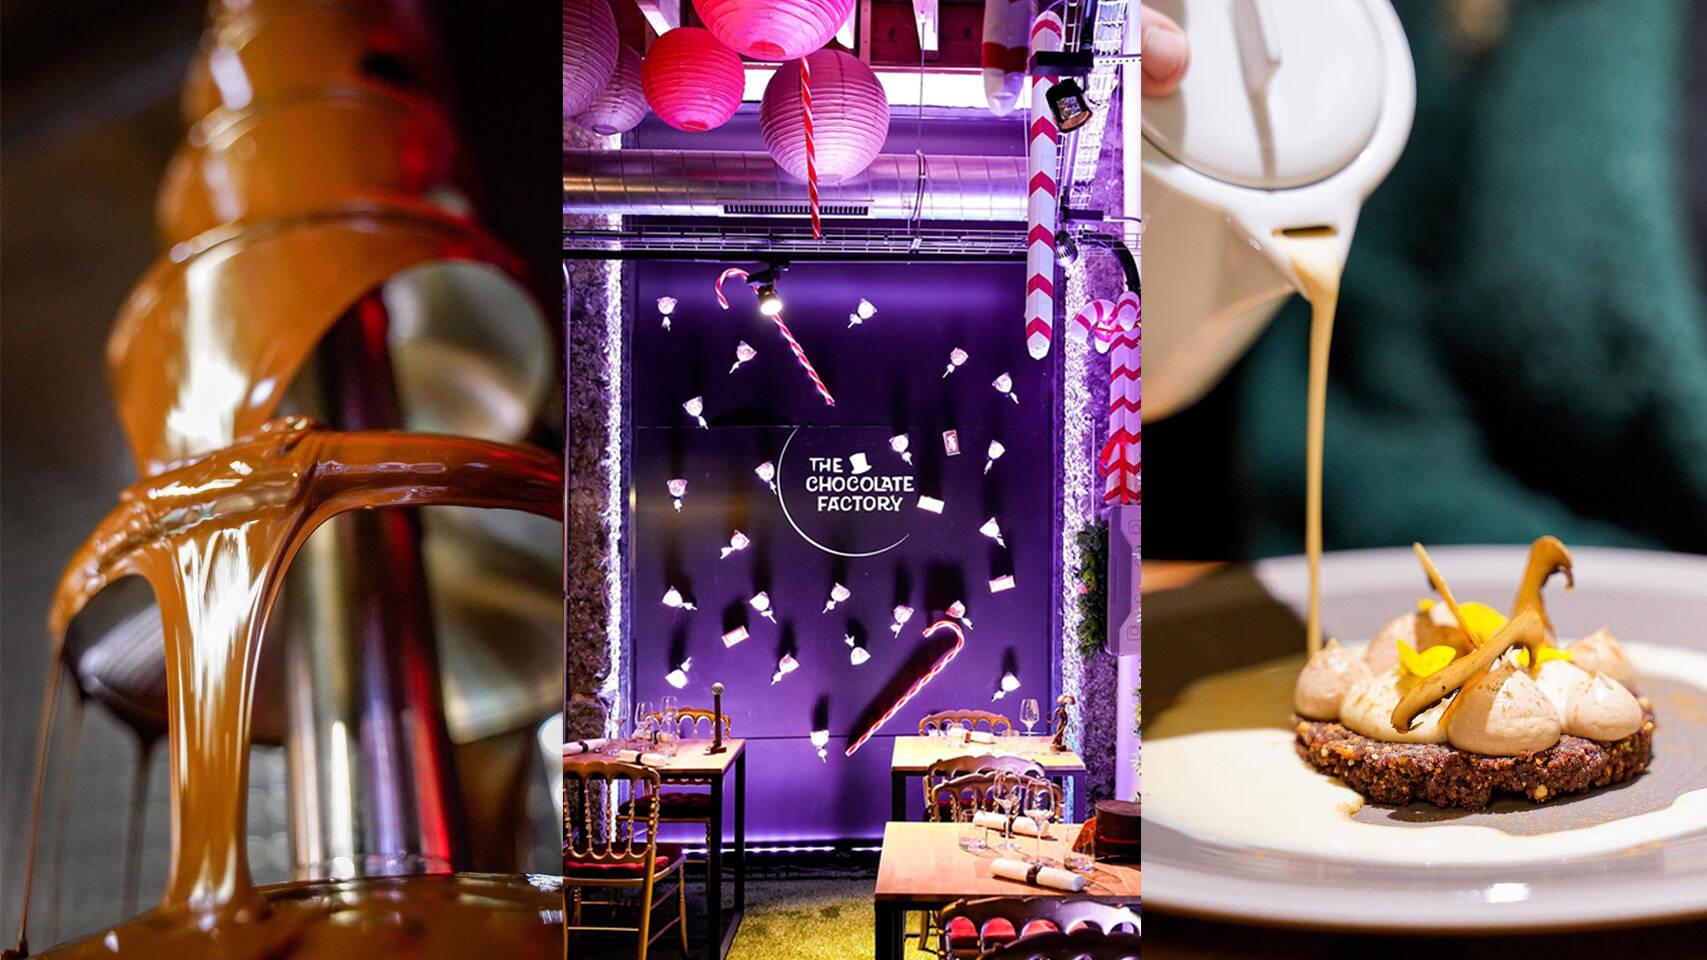 Après le restaurant Charlie et la chocolaterie : le prochain concept Ephemera va bientôt ouvrir ses portes